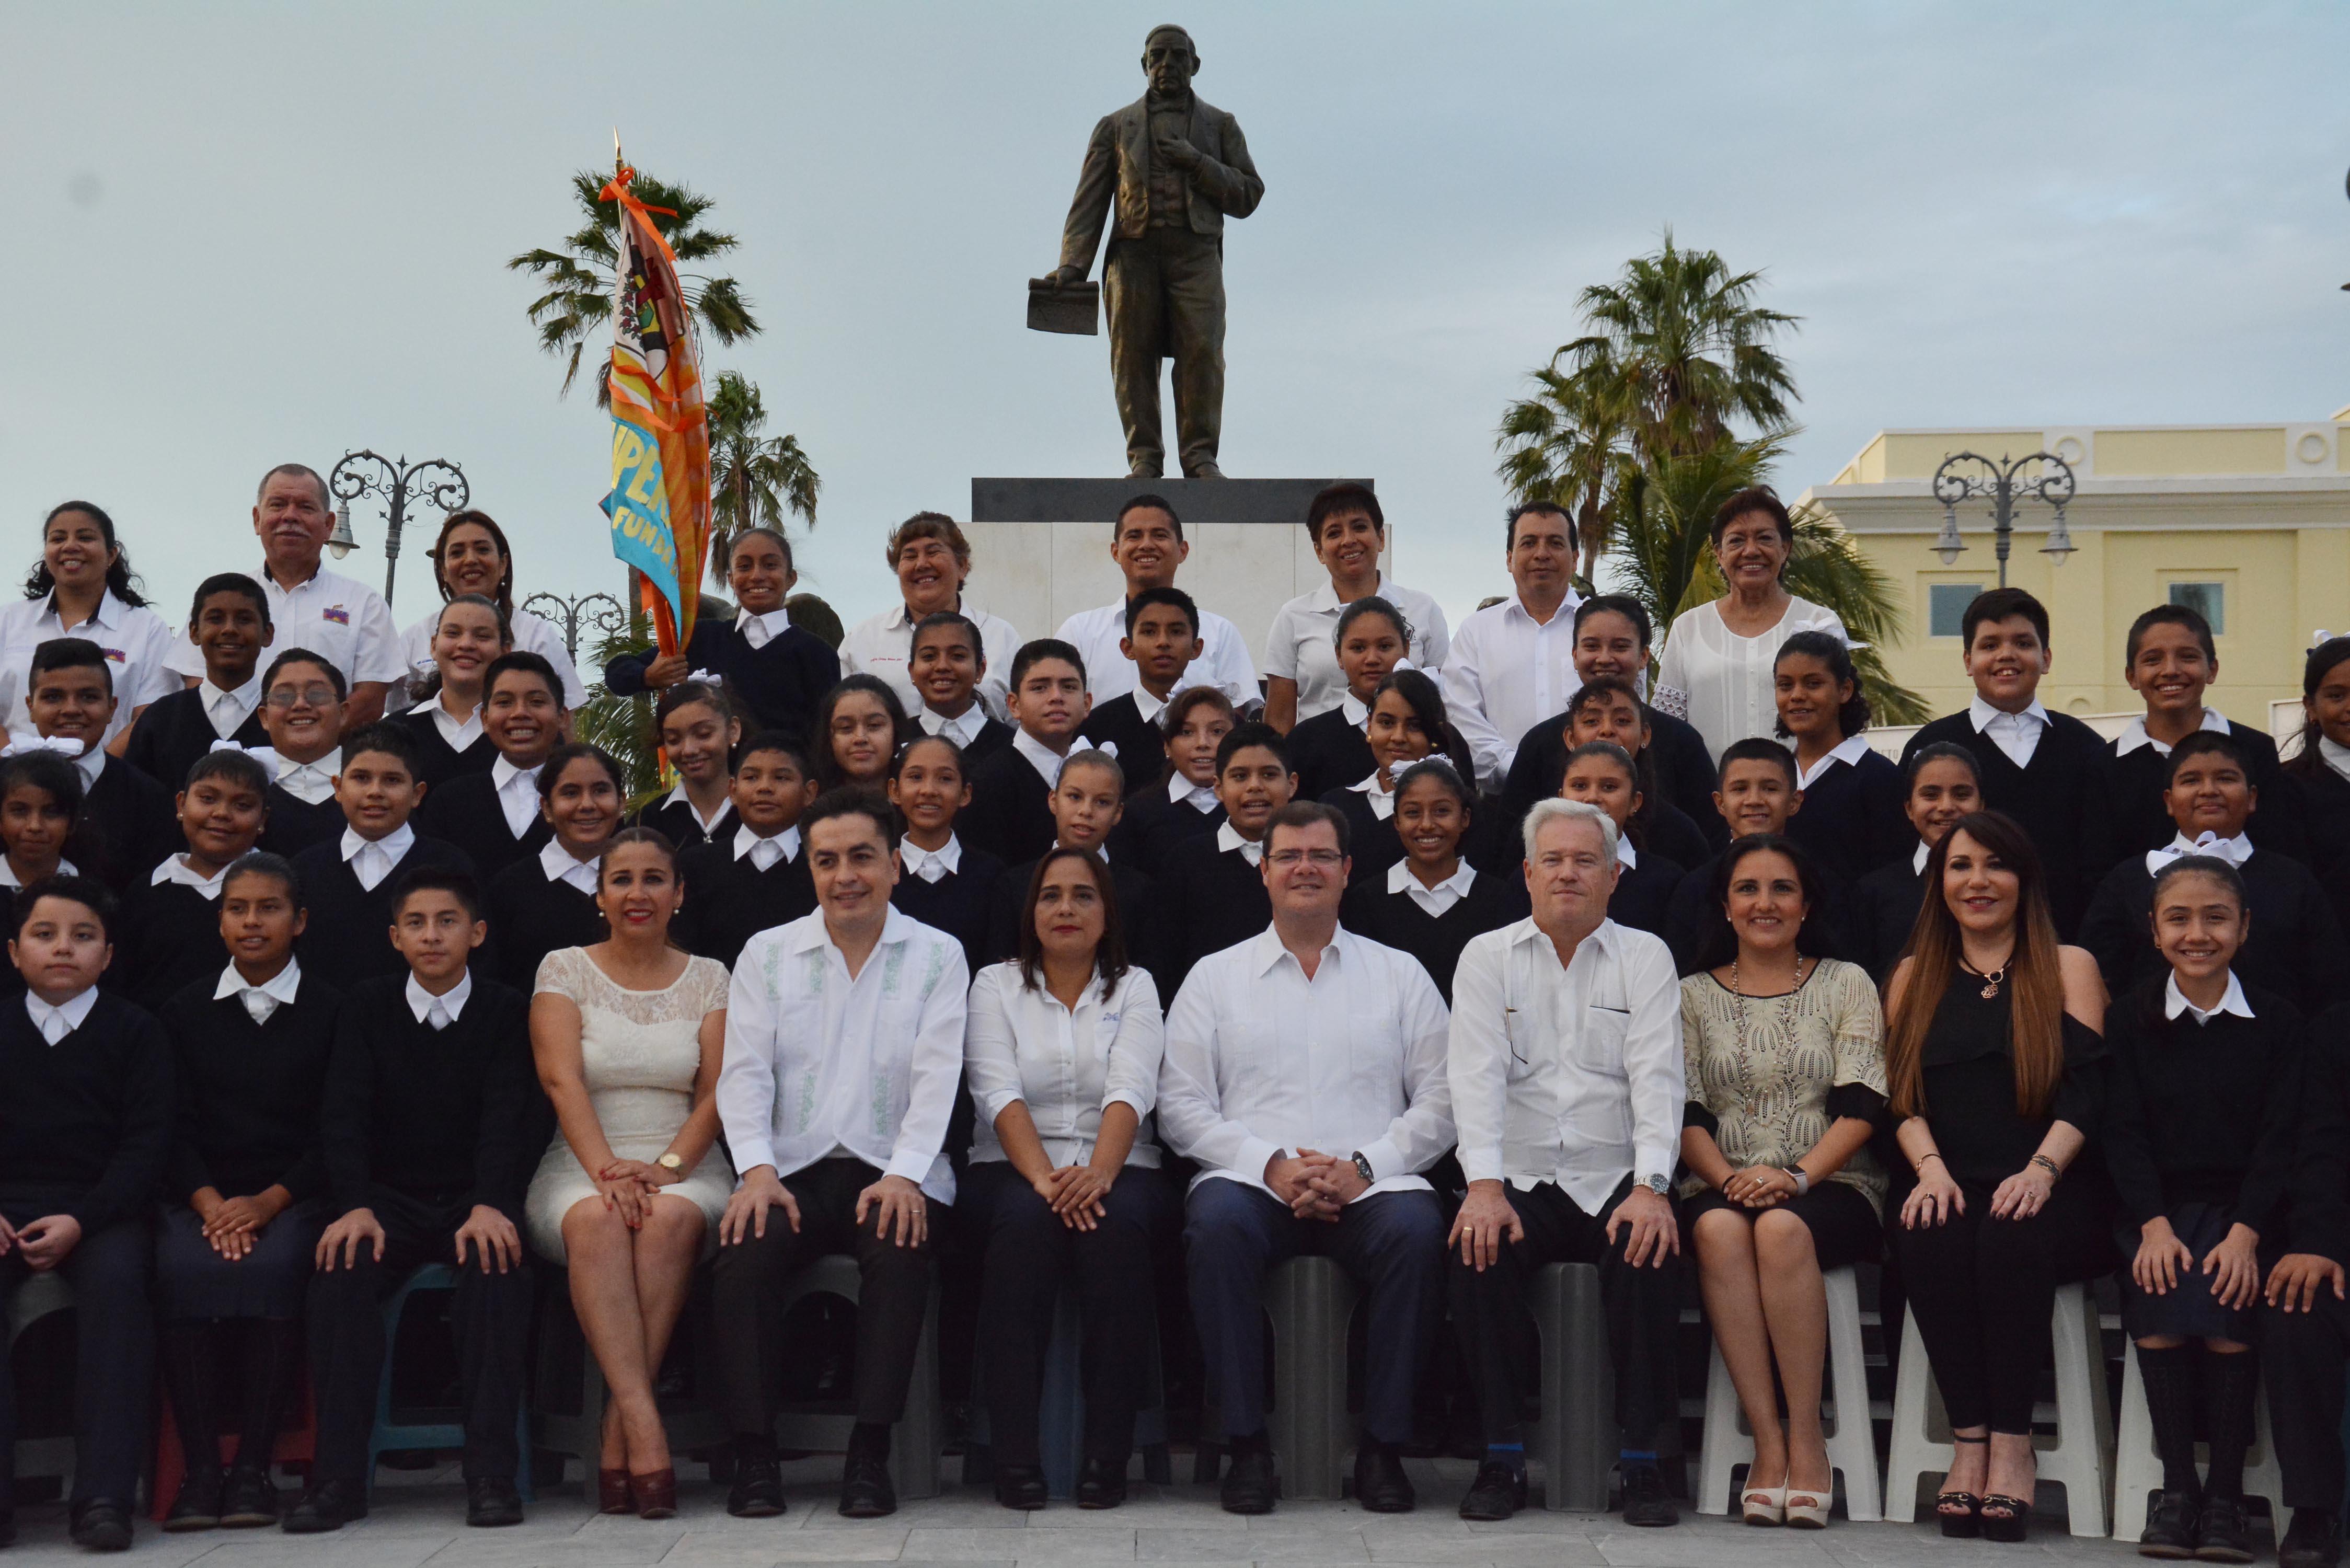 Toman fotografía oficial del alcalde Ramón Poo con niñas y niños de la Superación Ciudadana 2017